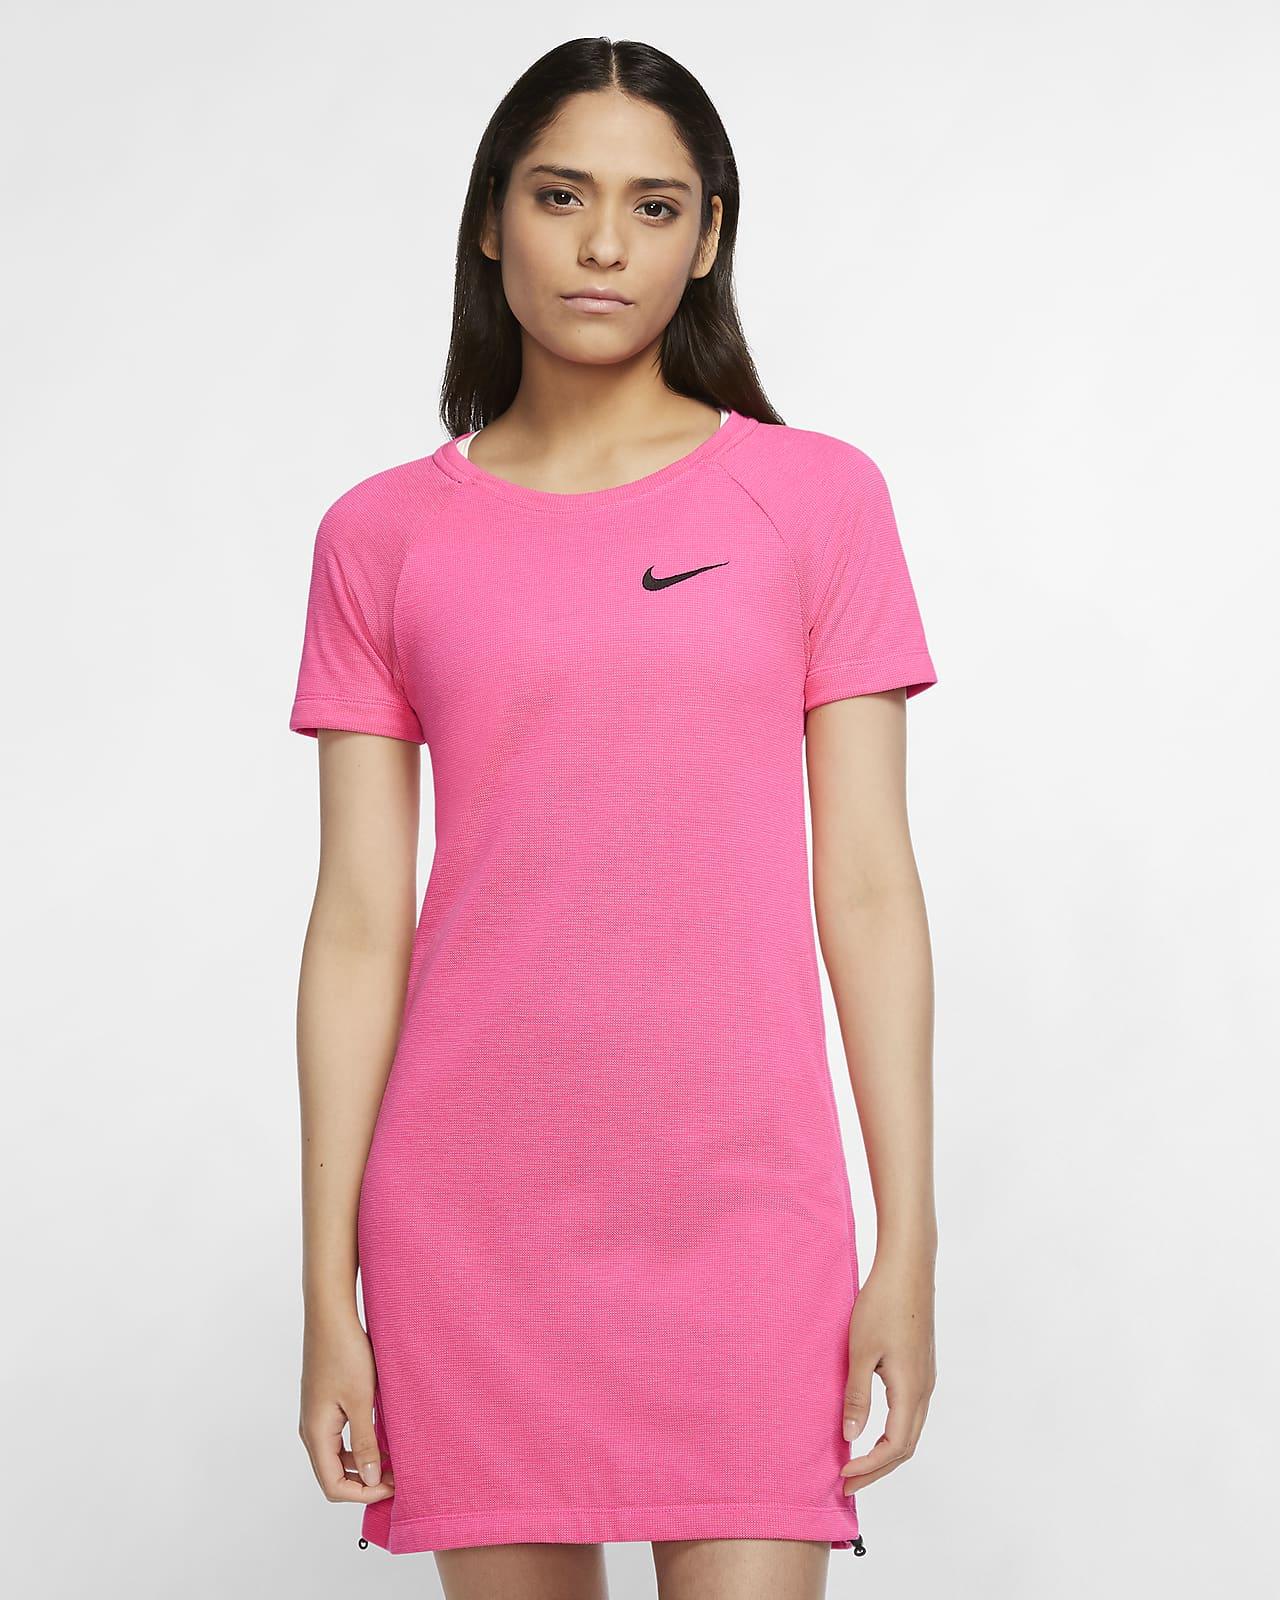 เดรสผู้หญิง Nike Sportswear Swoosh